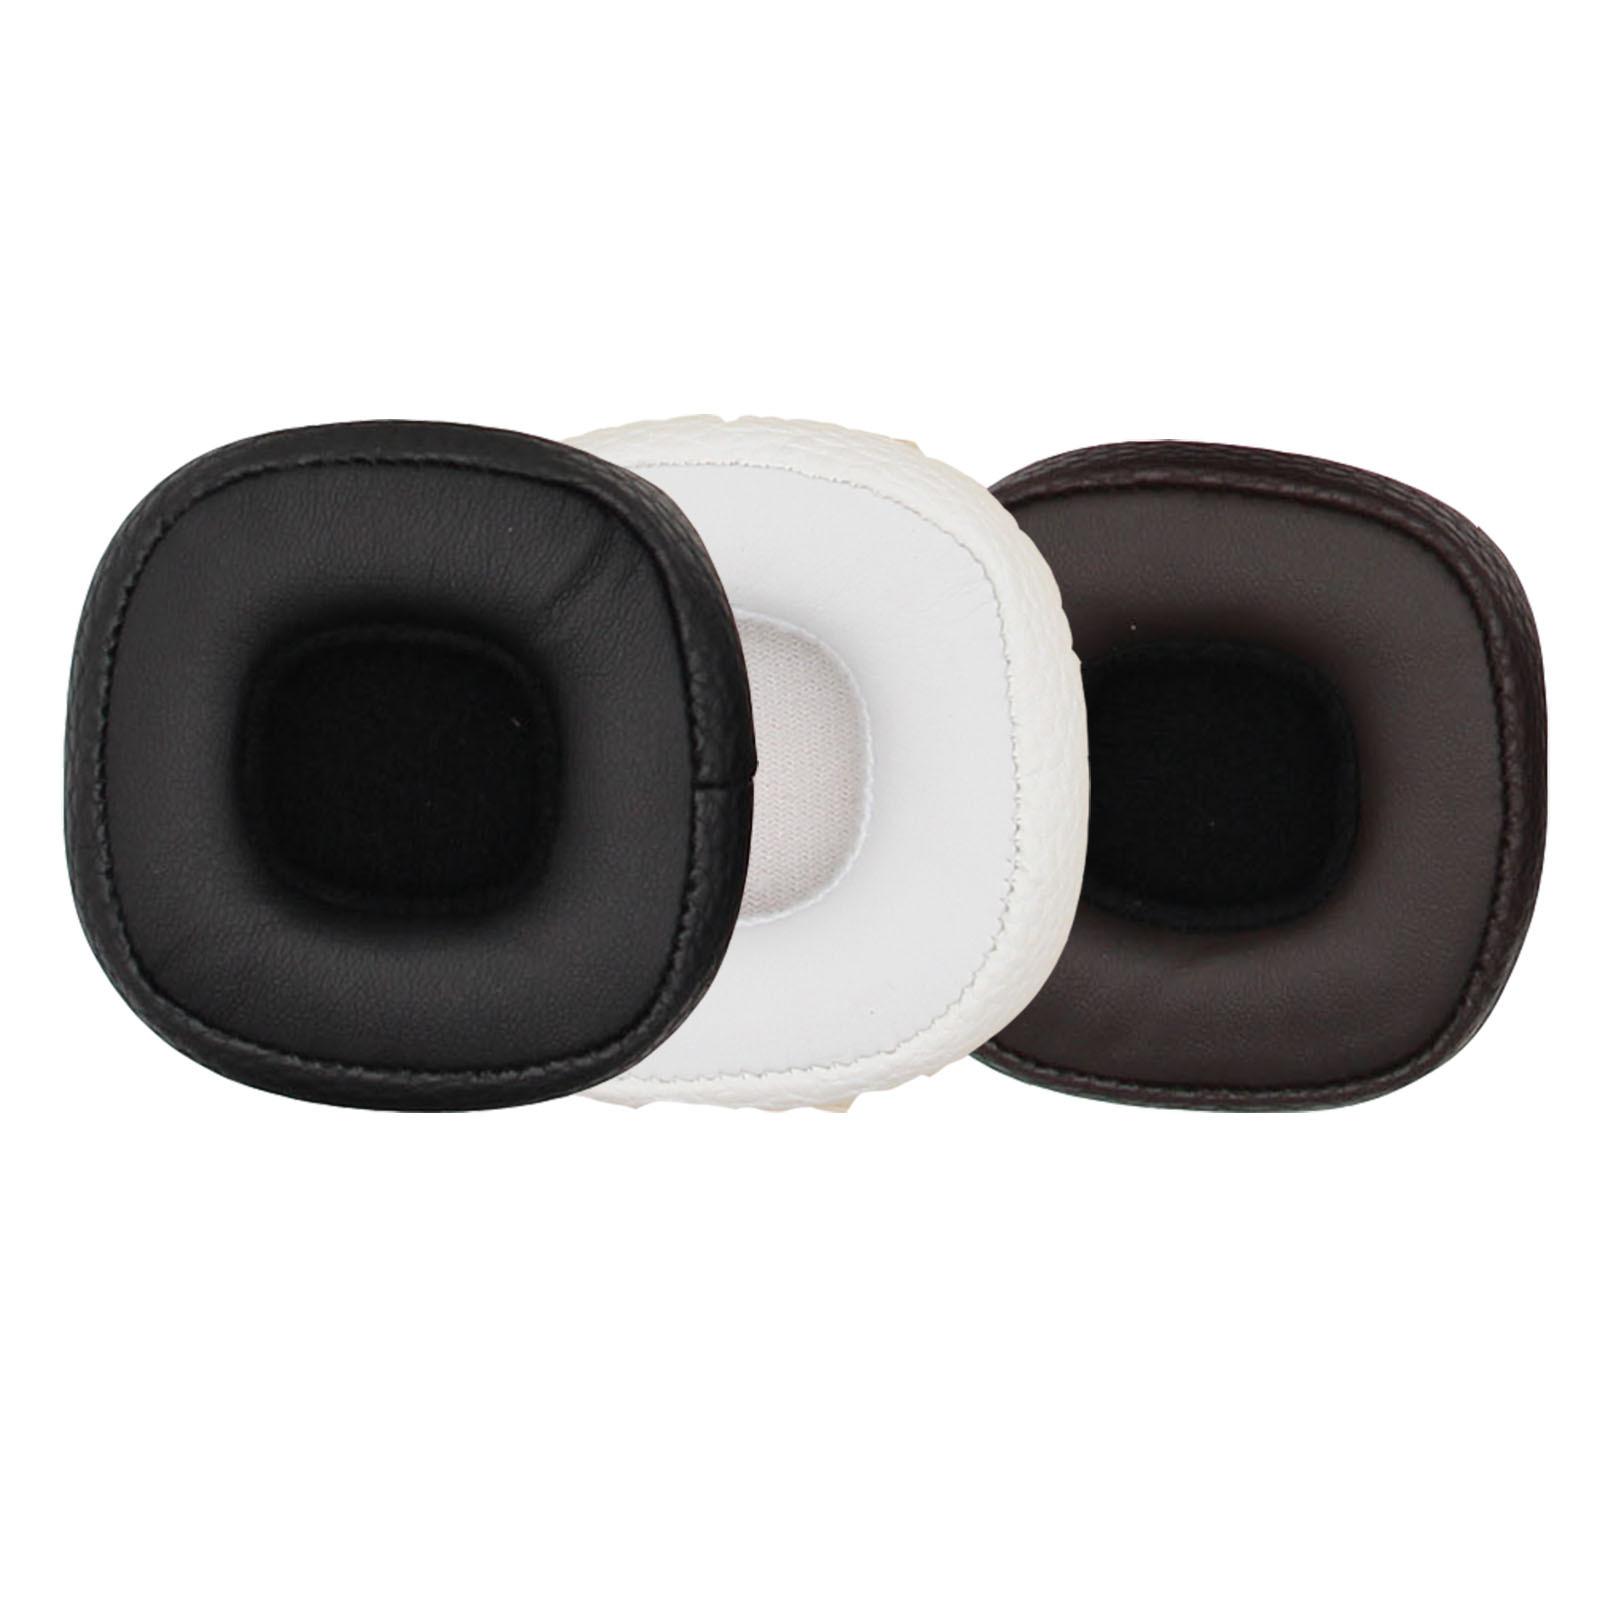 适合MARSHALL III BLUETOOTH 马歇尔3代无线蓝牙耳机套海绵套耳罩